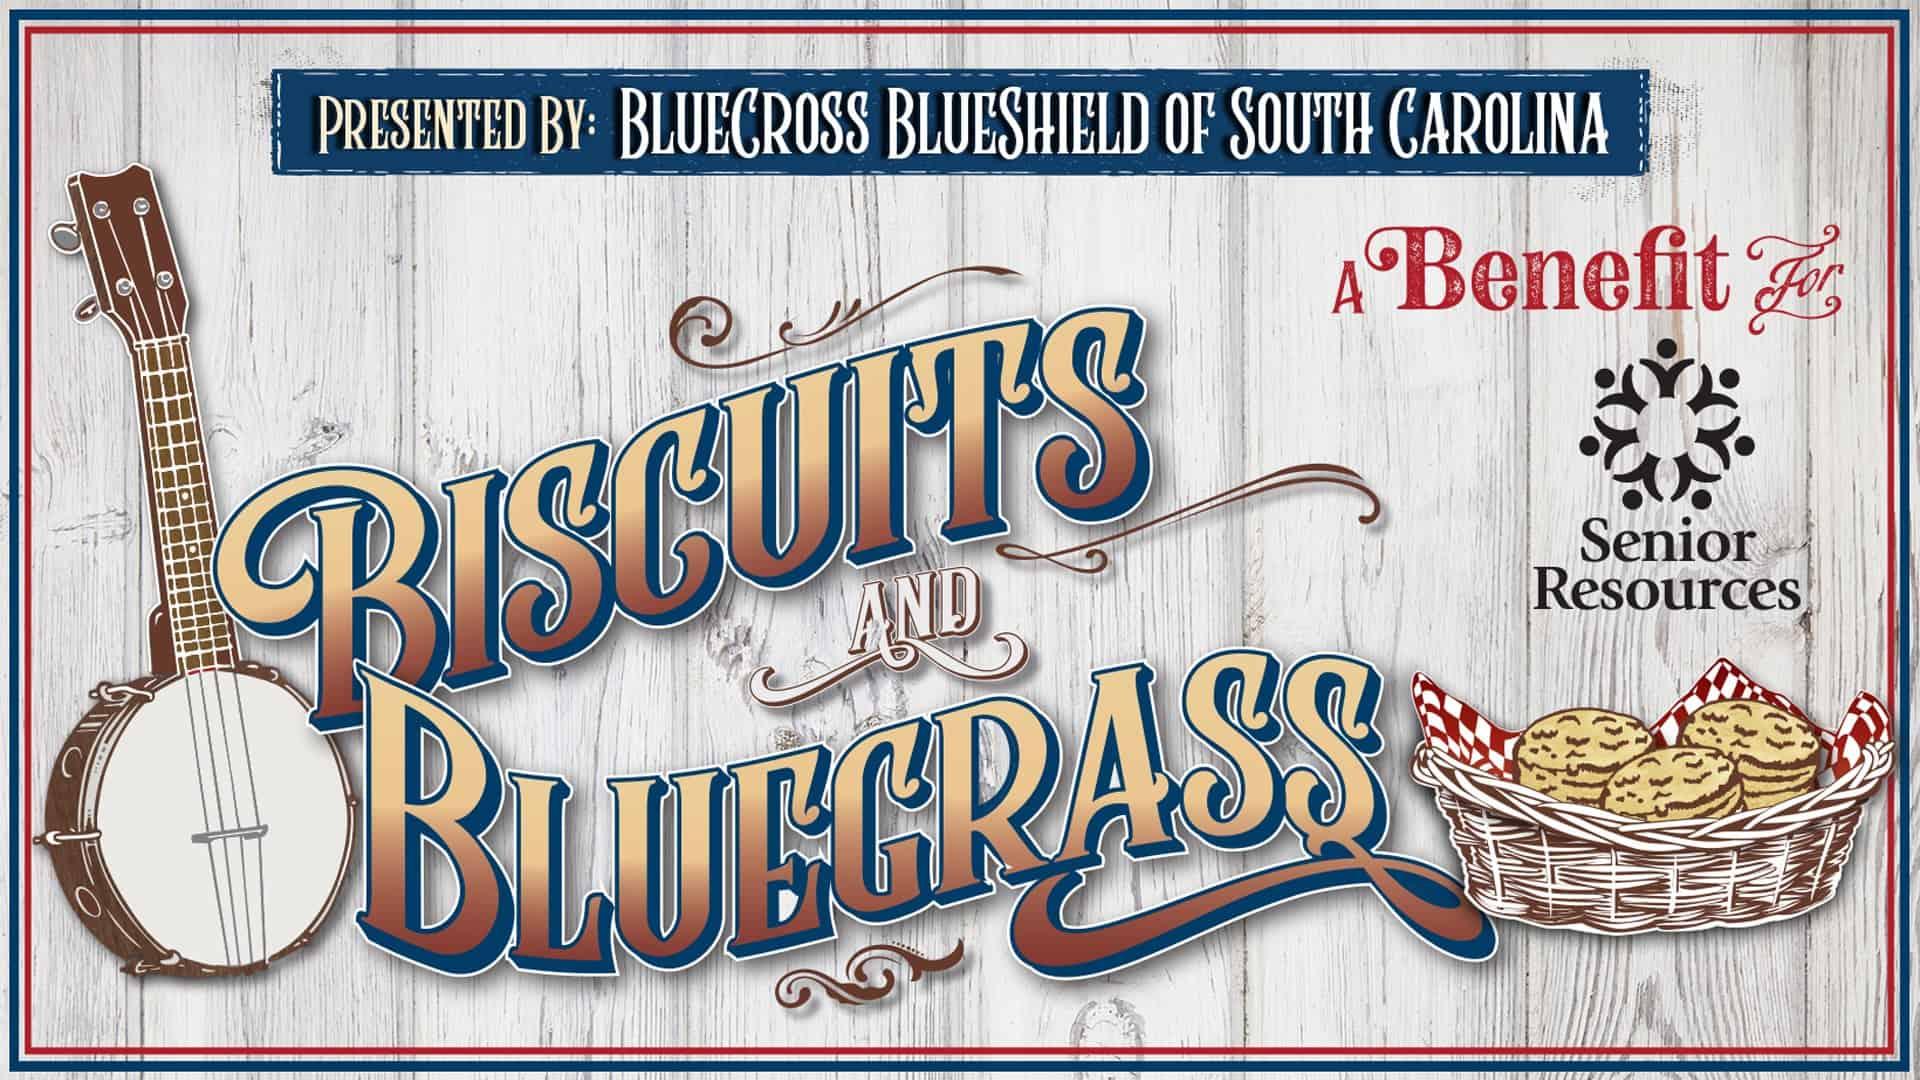 Biscuits & Bluegrass